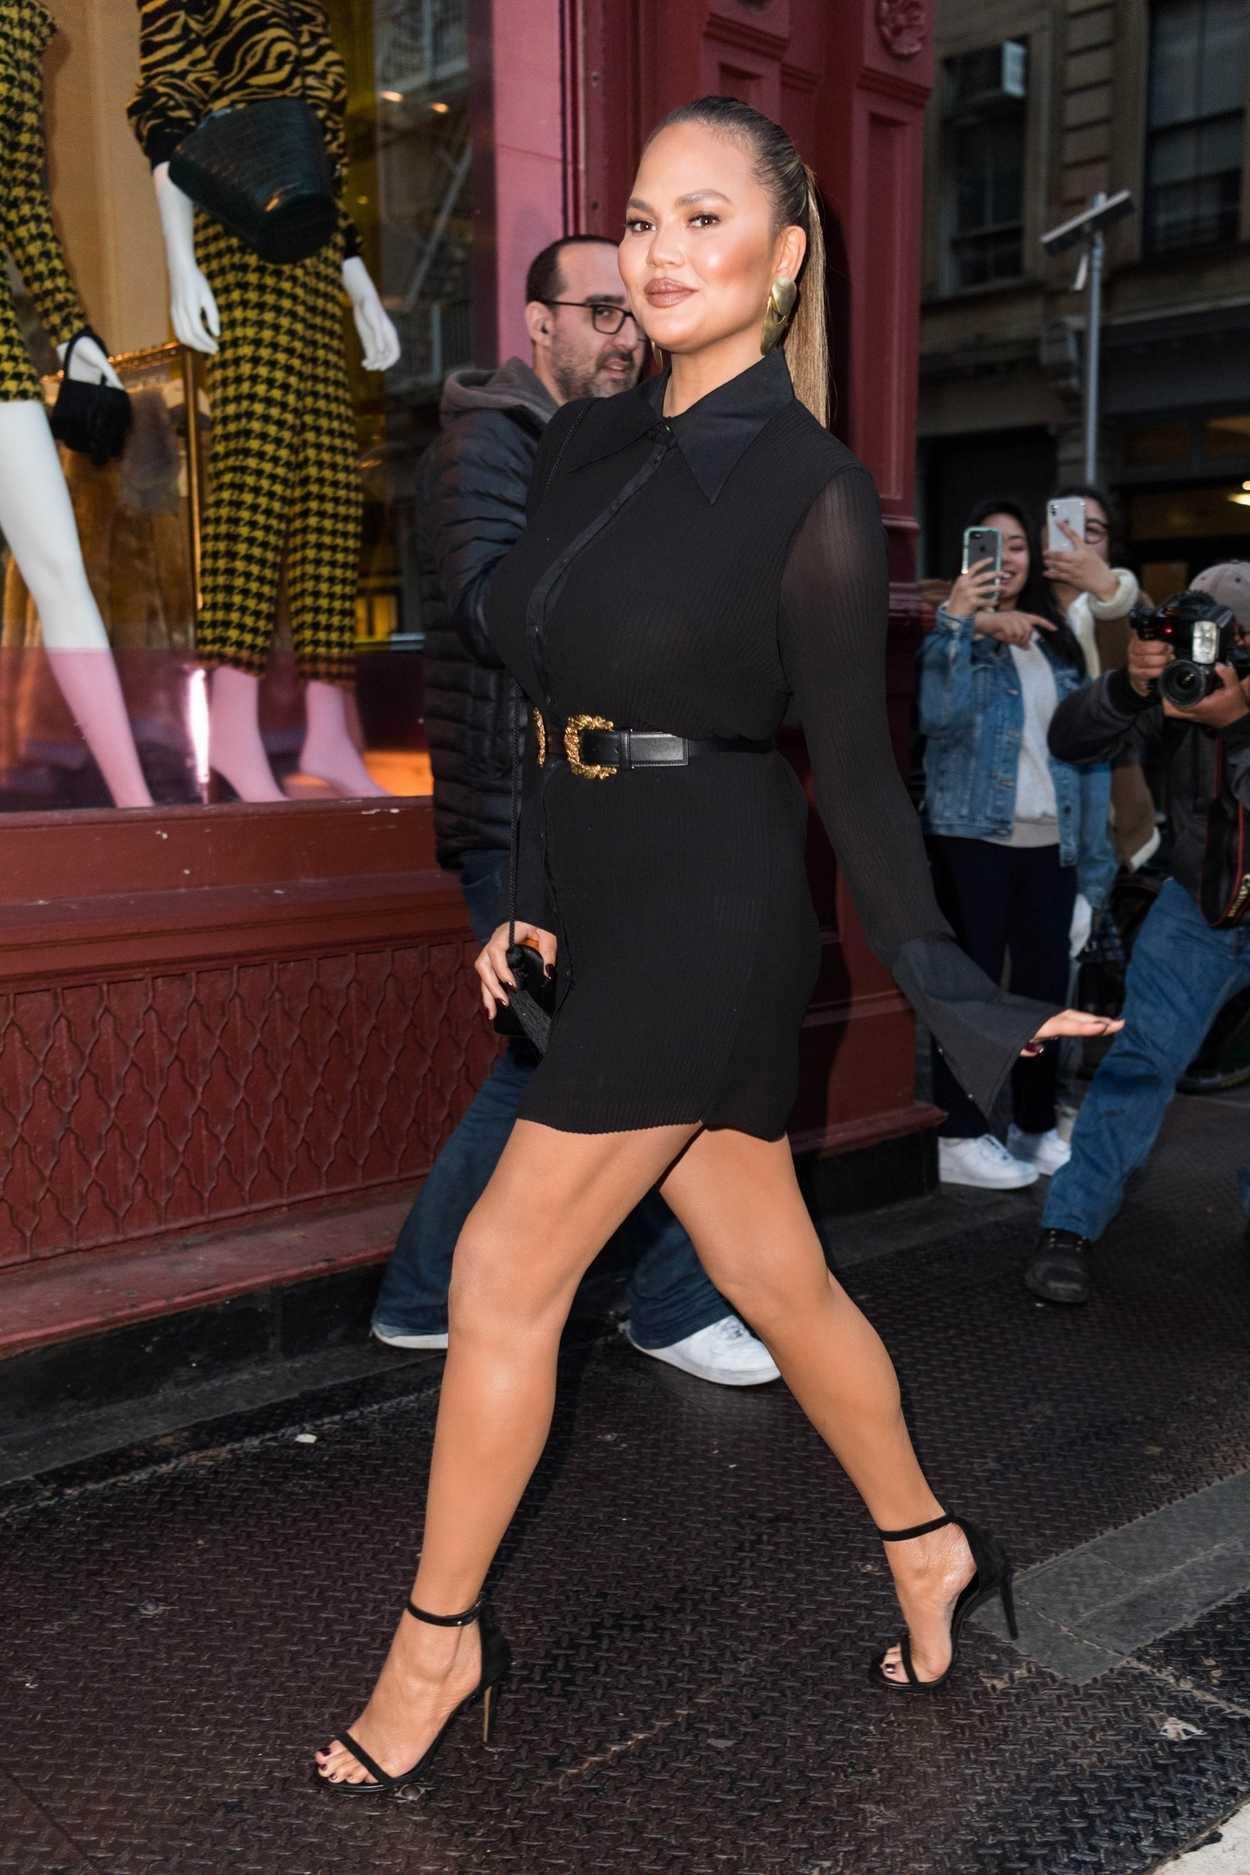 Chrissy Teigen In A Short Black Dress Was Seen Out In